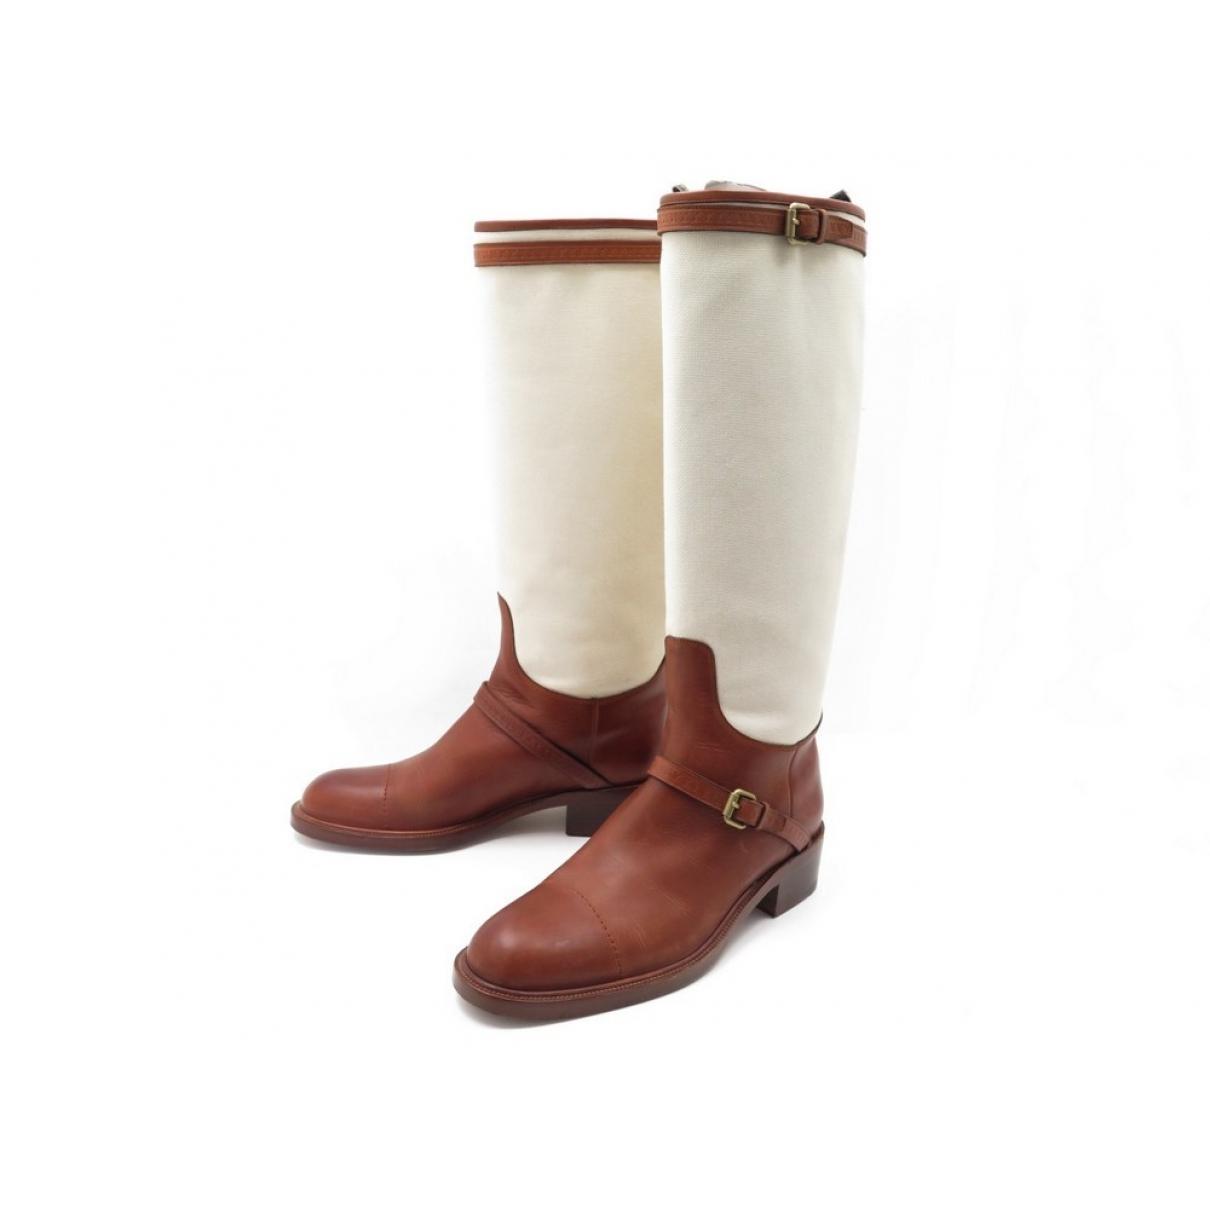 Botas altas de Lona Louis Vuitton